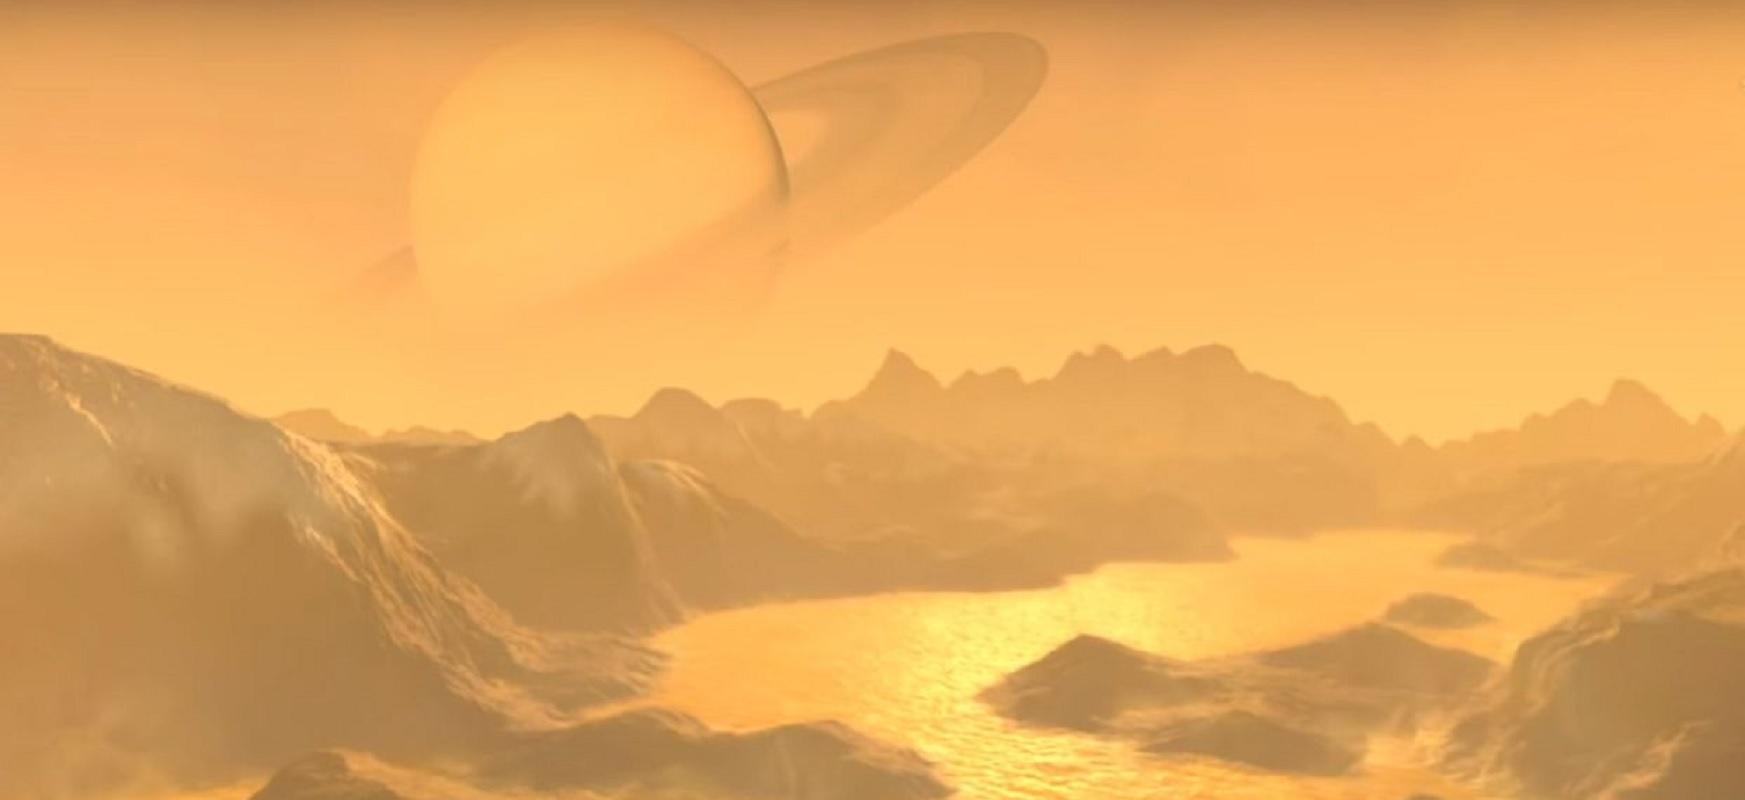 Titan Saturnotik urrundu egiten da.  Espero baino ehun aldiz azkarrago egiten du hori